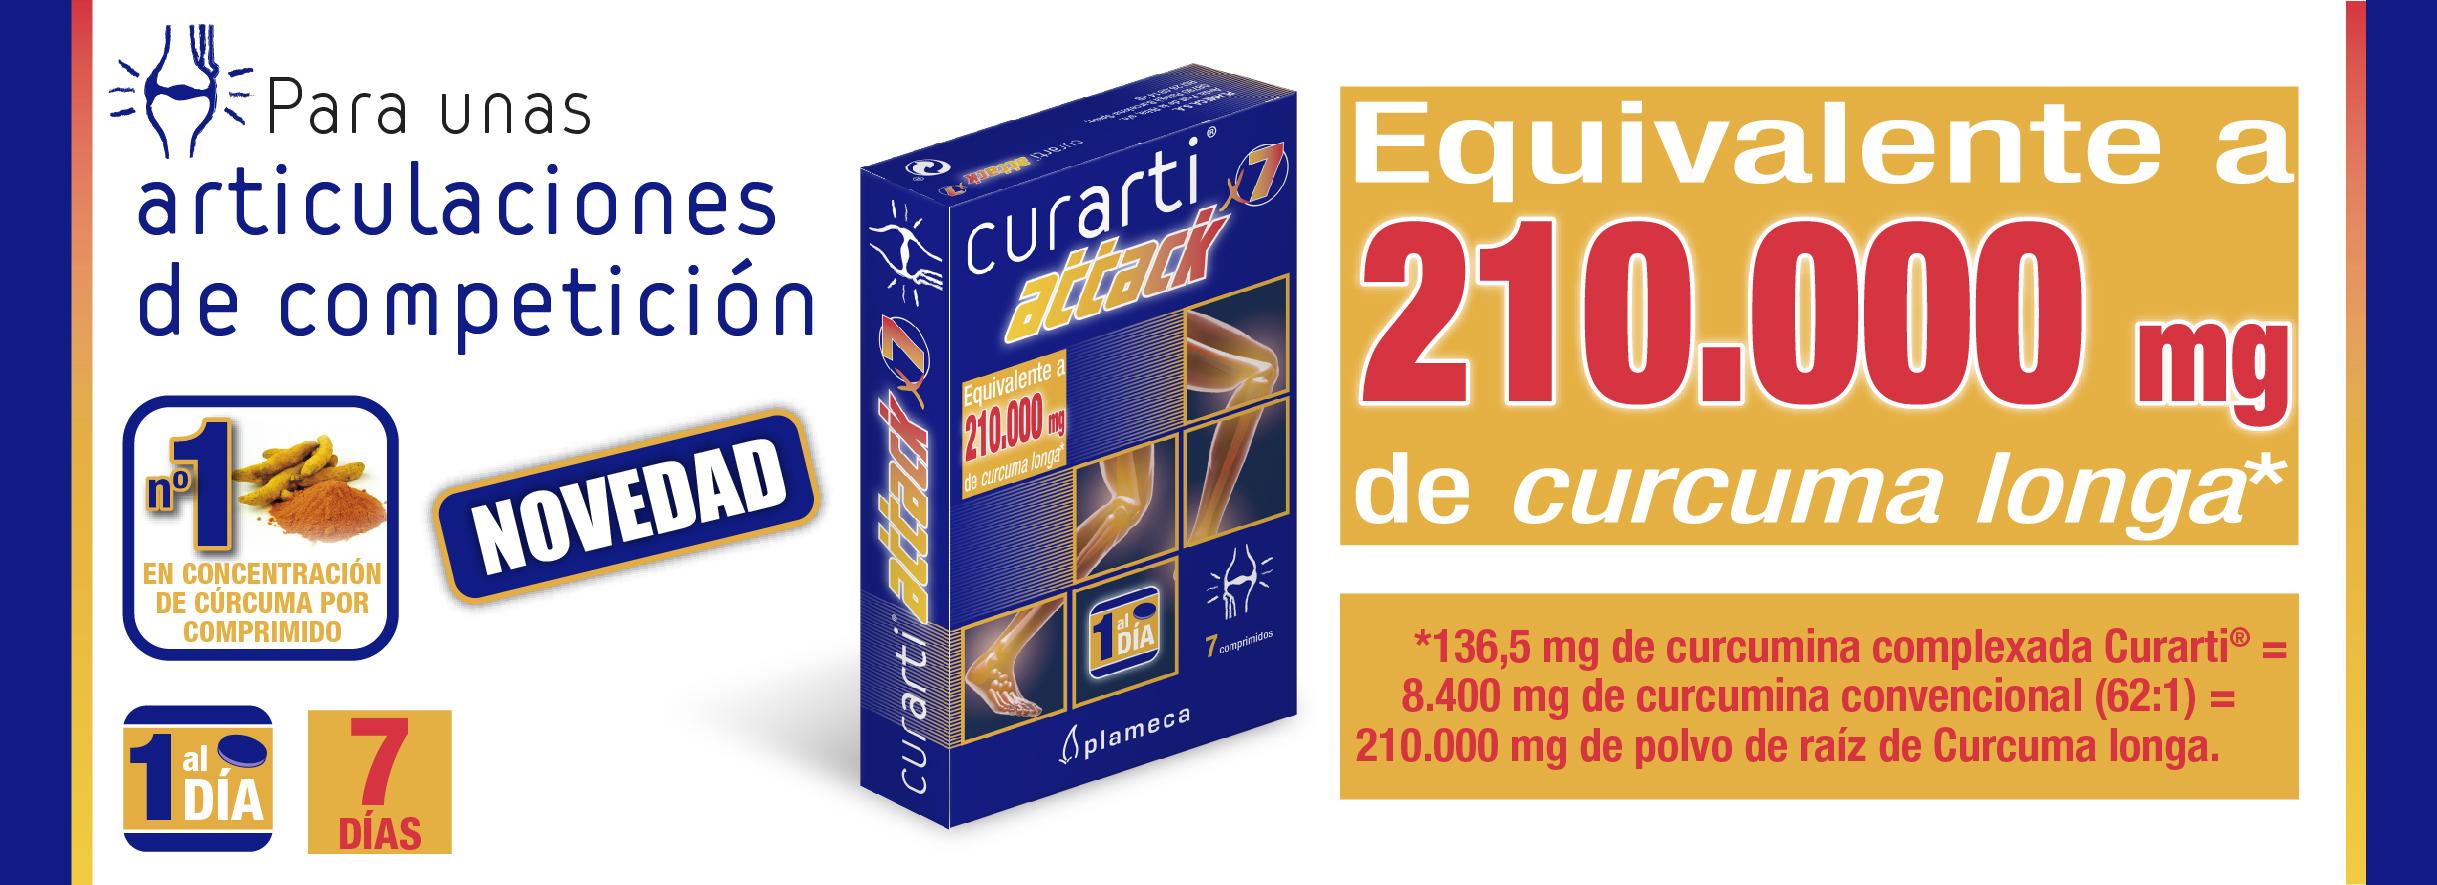 Banner-Curarti-ATTACK-01